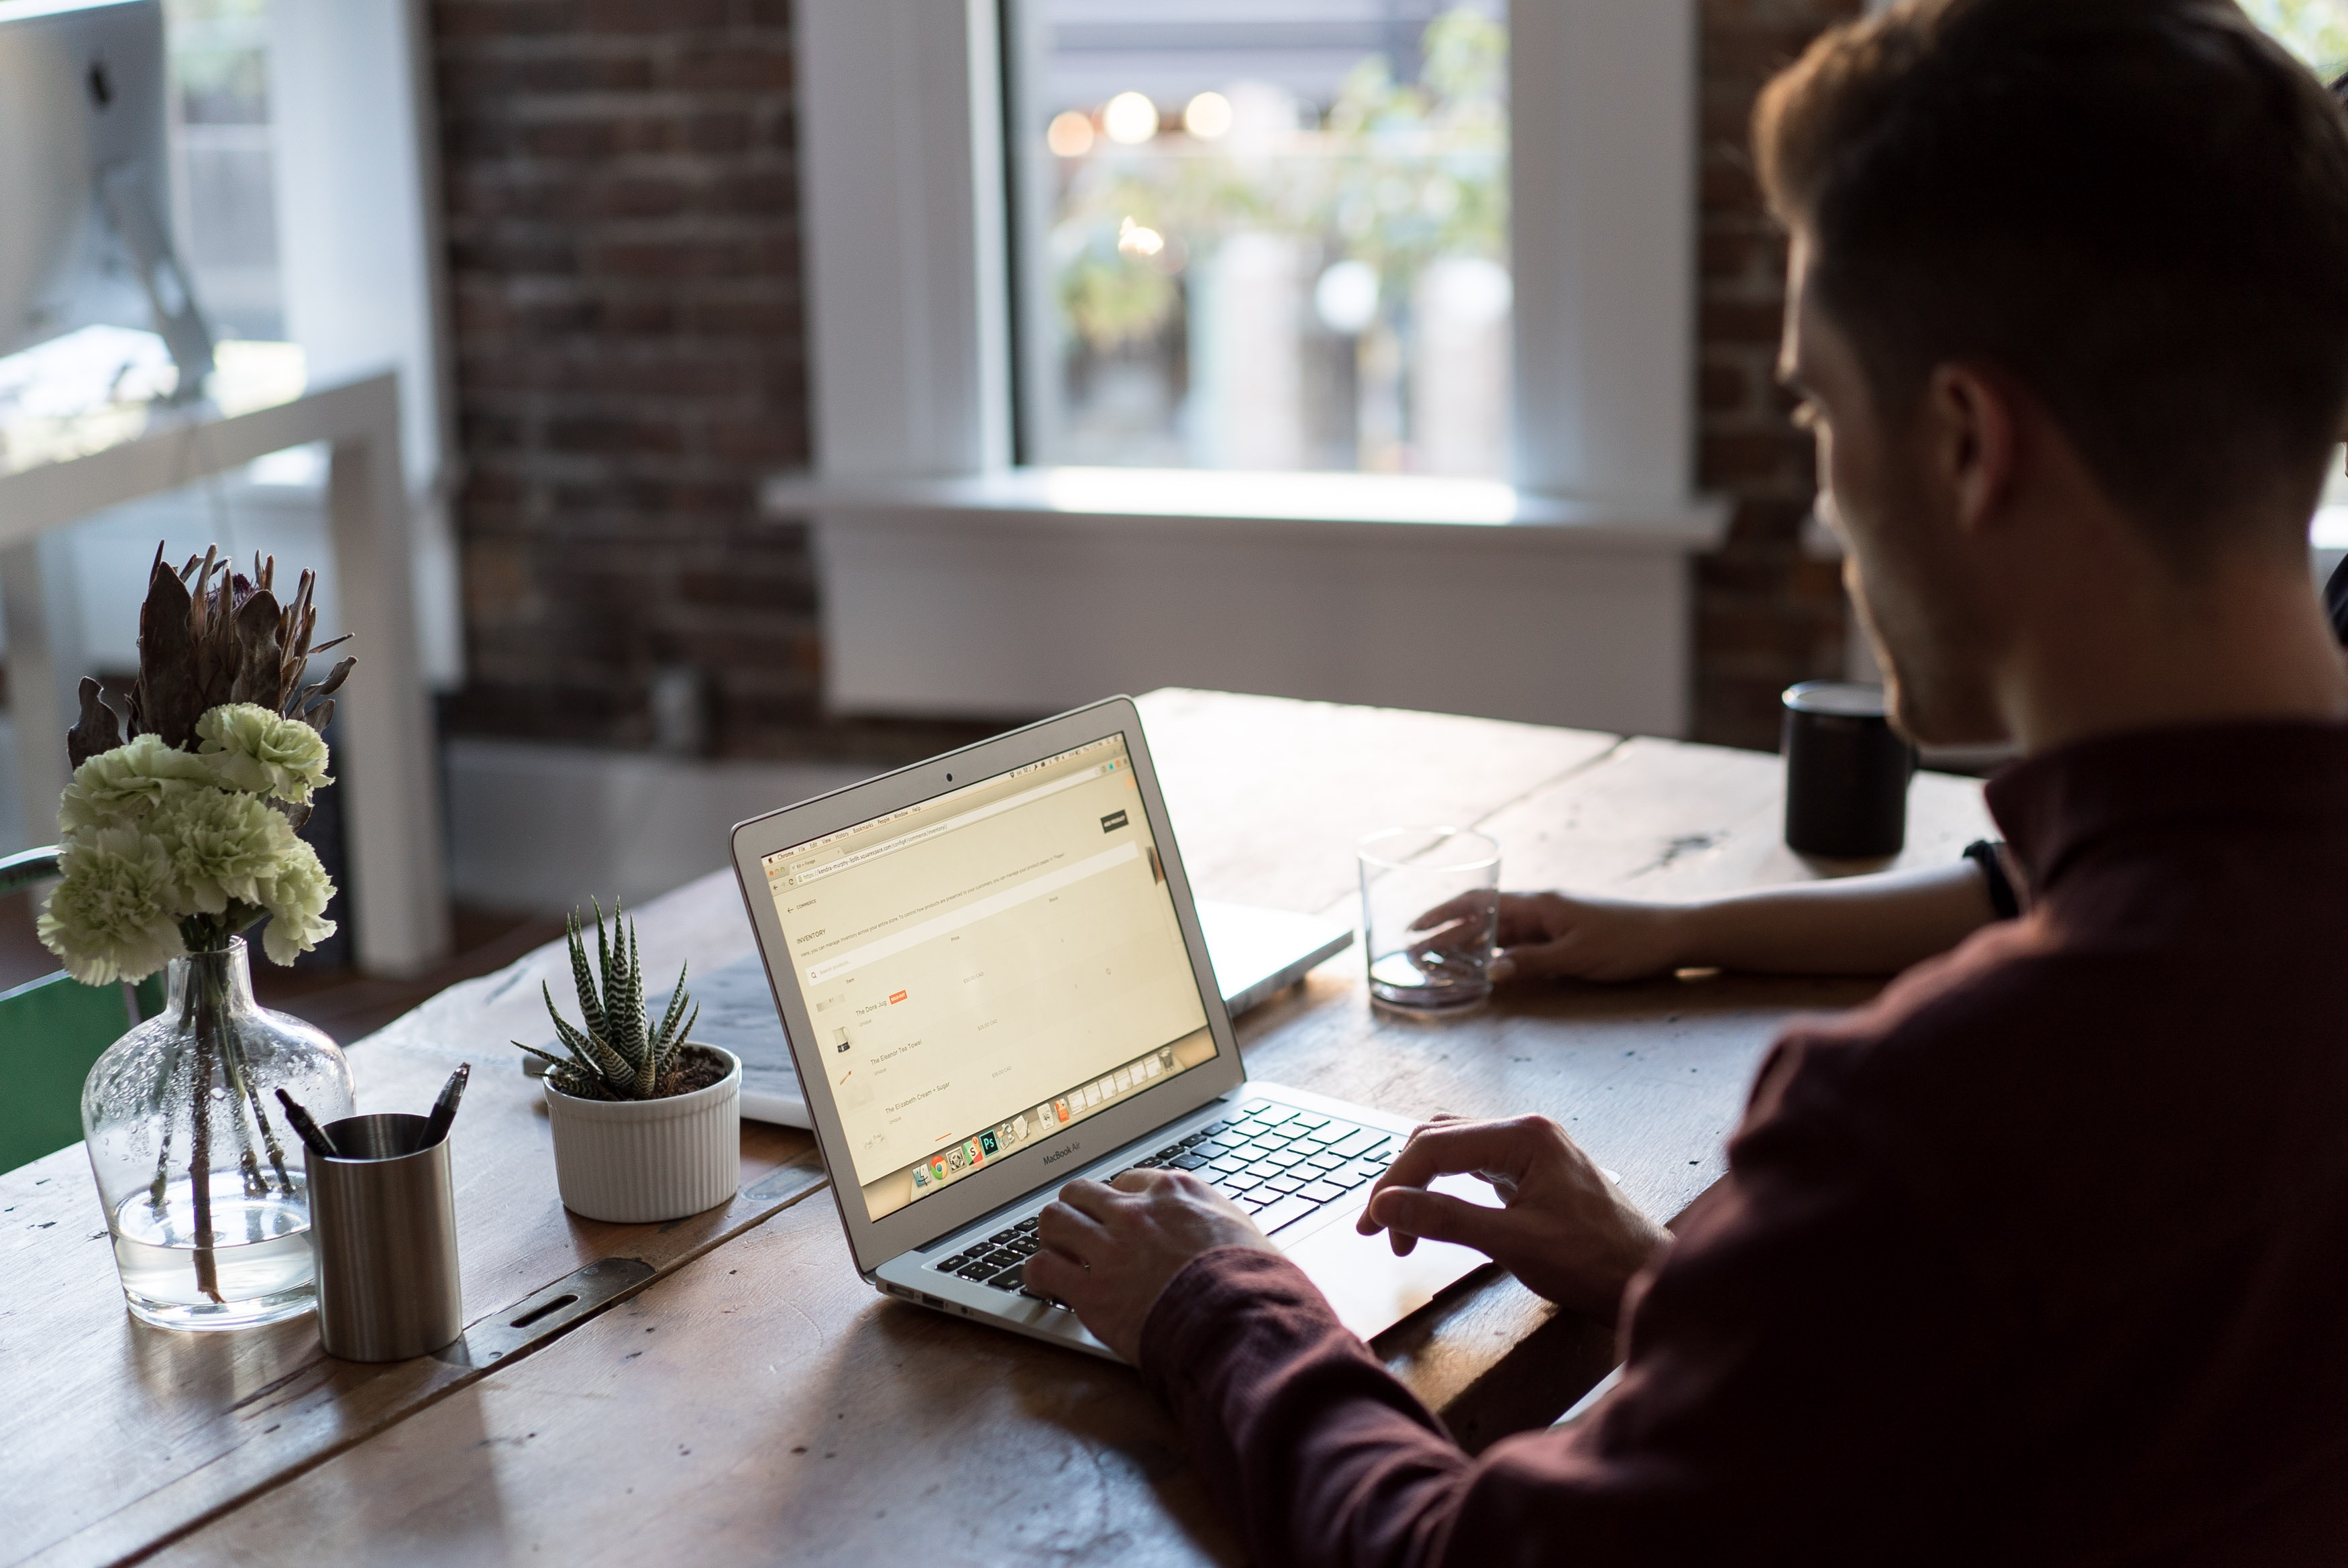 bench accounting 49025 - Como escrever um CV Perfeito - estrutura de currículo, dicas de currículo, curriculum, currículo, como fazer um currículo